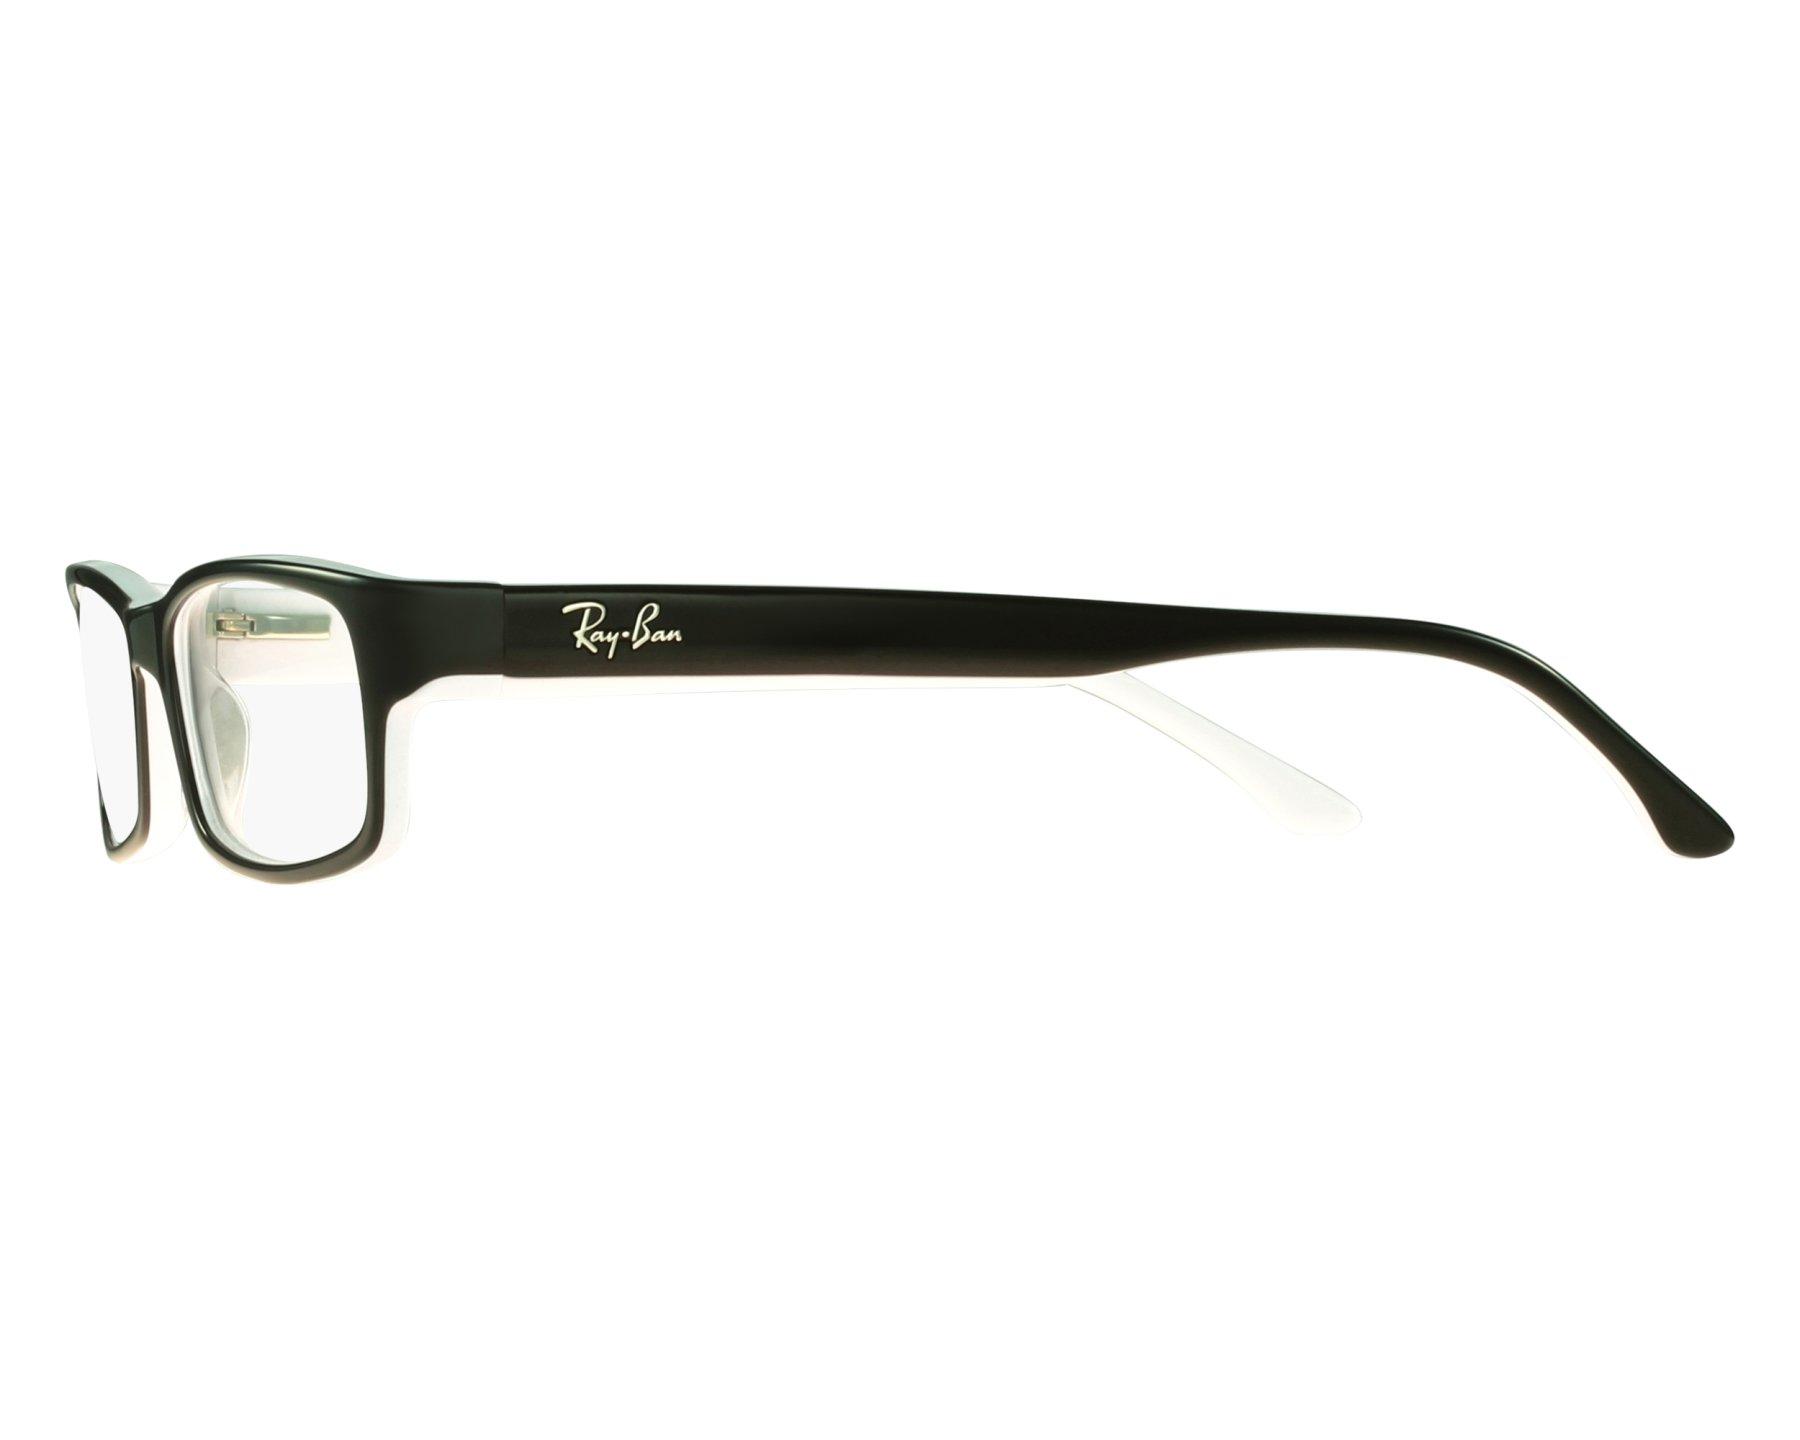 eyeglasses Ray-Ban RX-5114 2097 52-16 Black White front view edbf2a7563